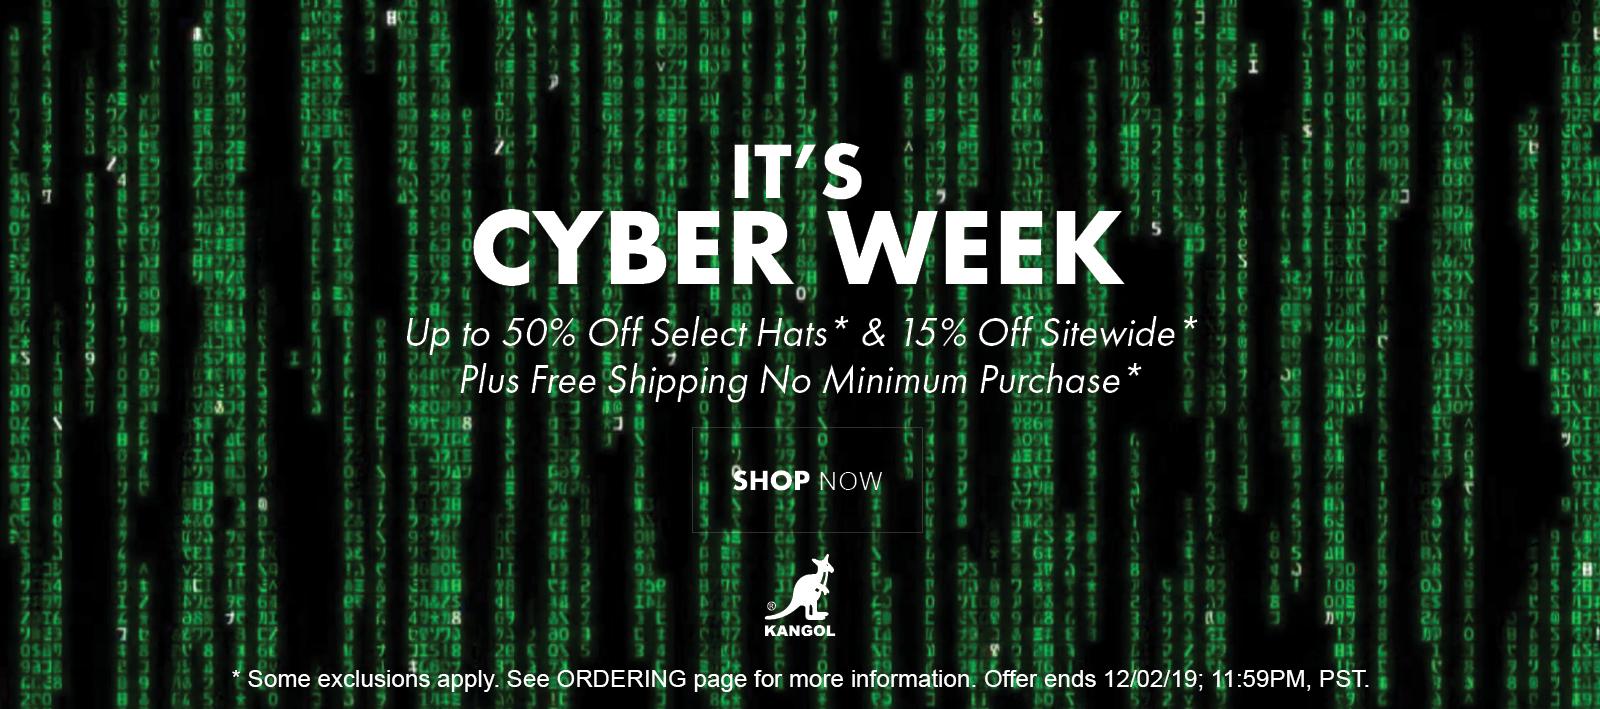 It's Cyber Week!